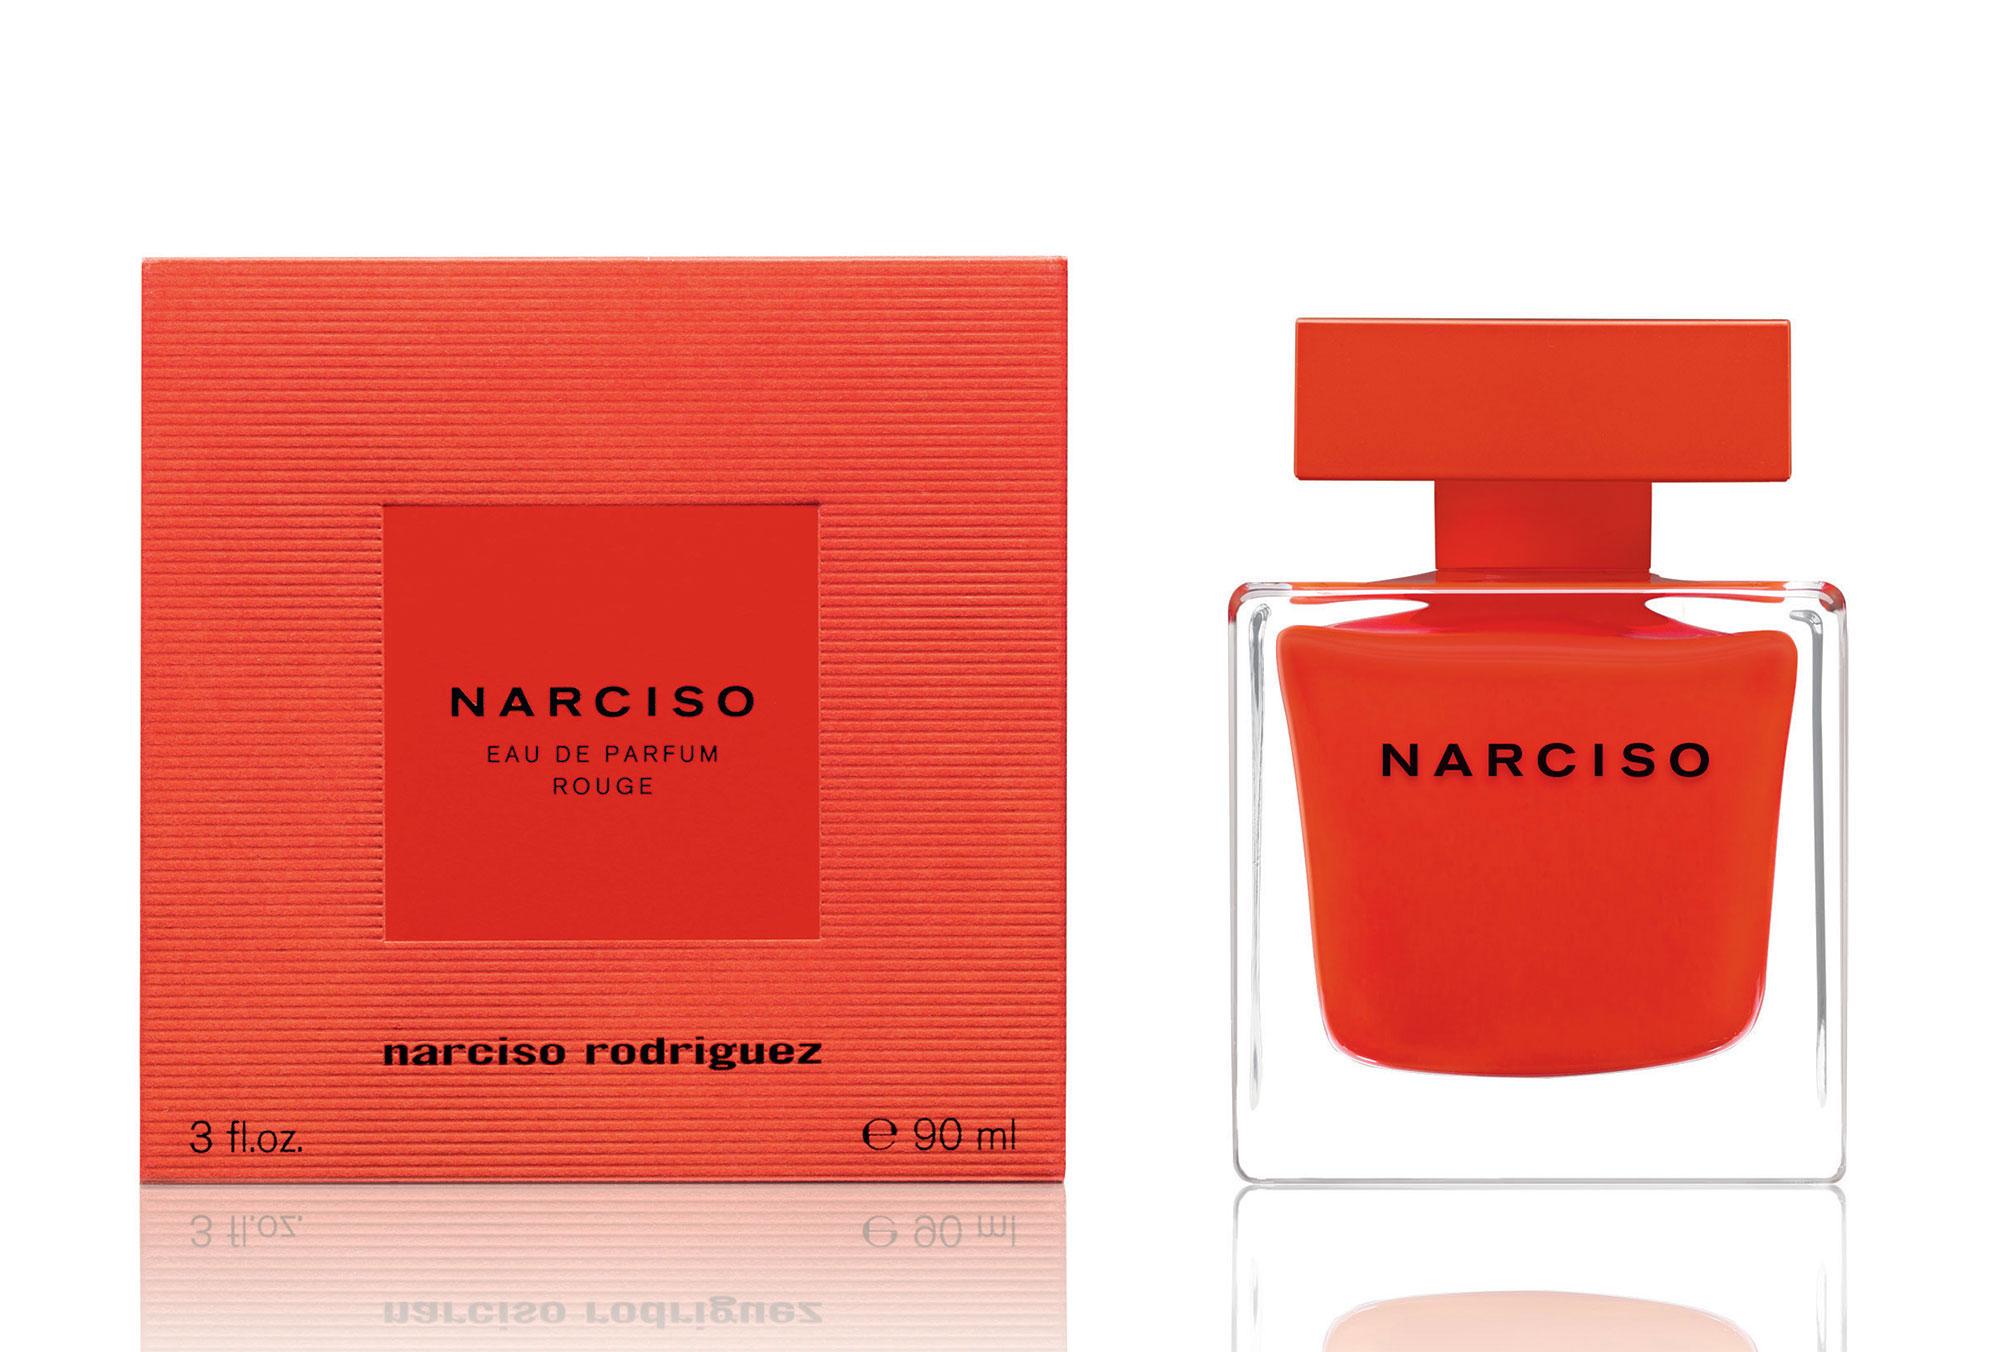 Pour Pour Narciso Narciso Pour Narciso Rodriguez Rodriguez Femme Femme Rouge Rouge Rouge Rodriguez wPX8Okn0